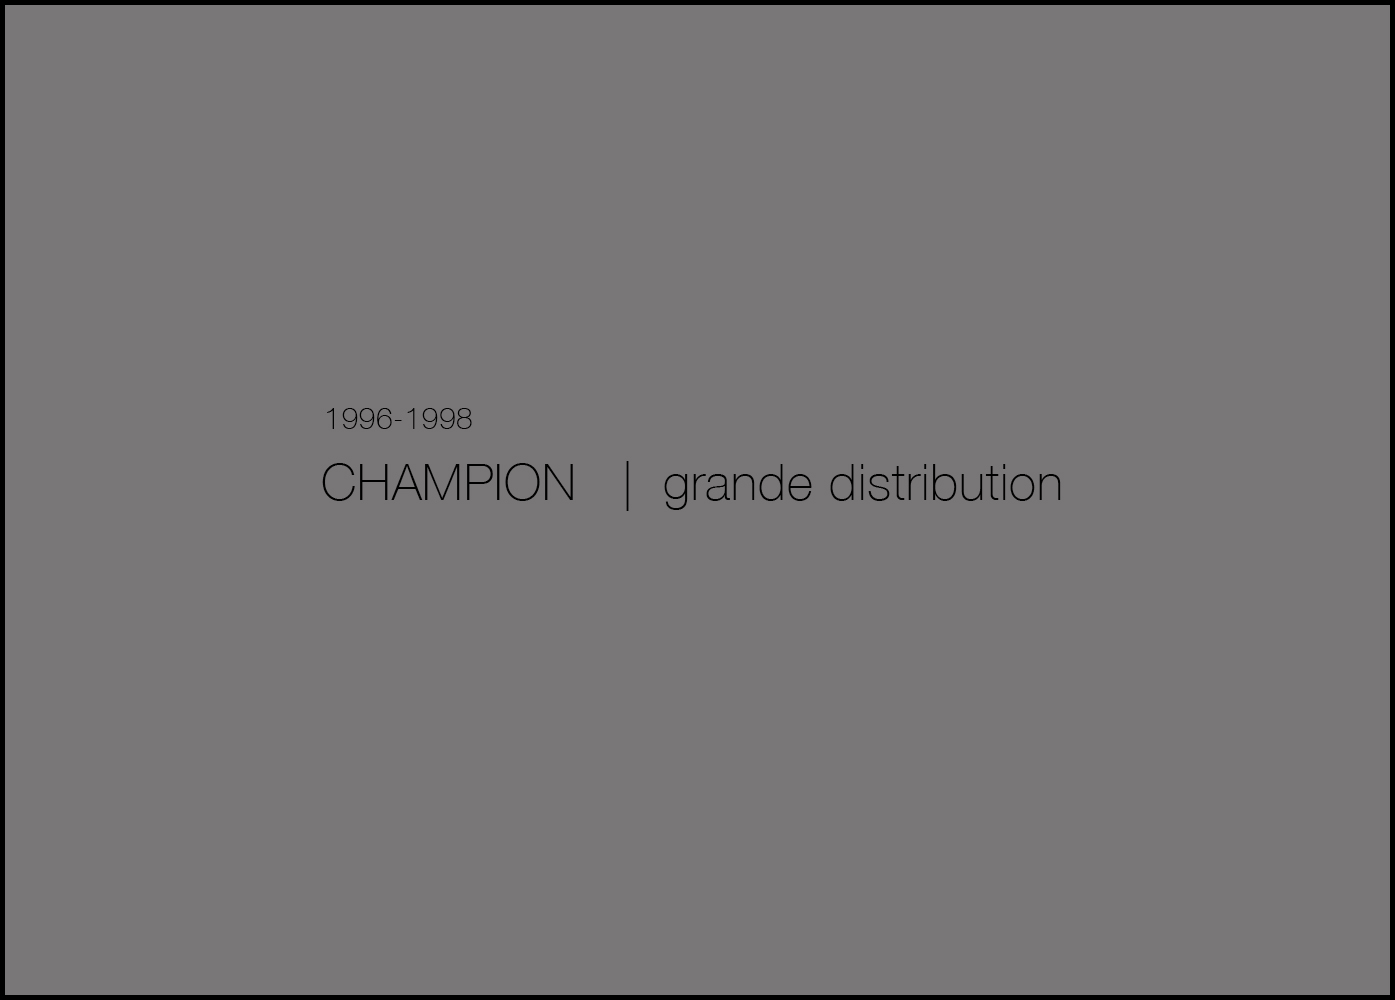 01_1996-1998-Champion